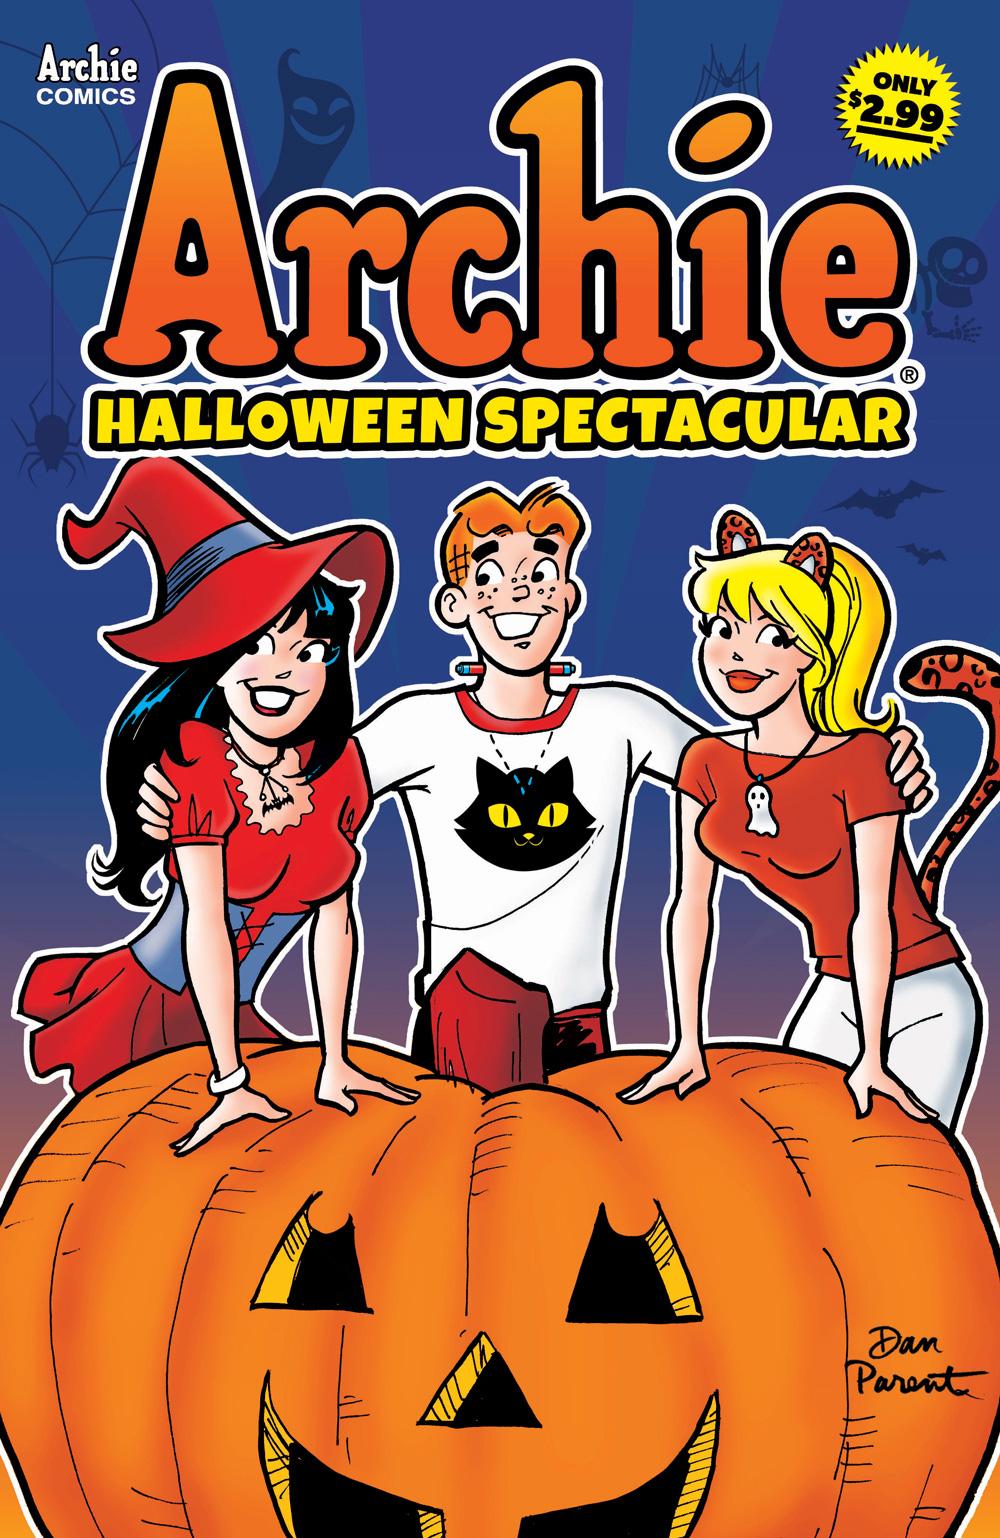 archiehalloweenspectacular_cover.jpeg